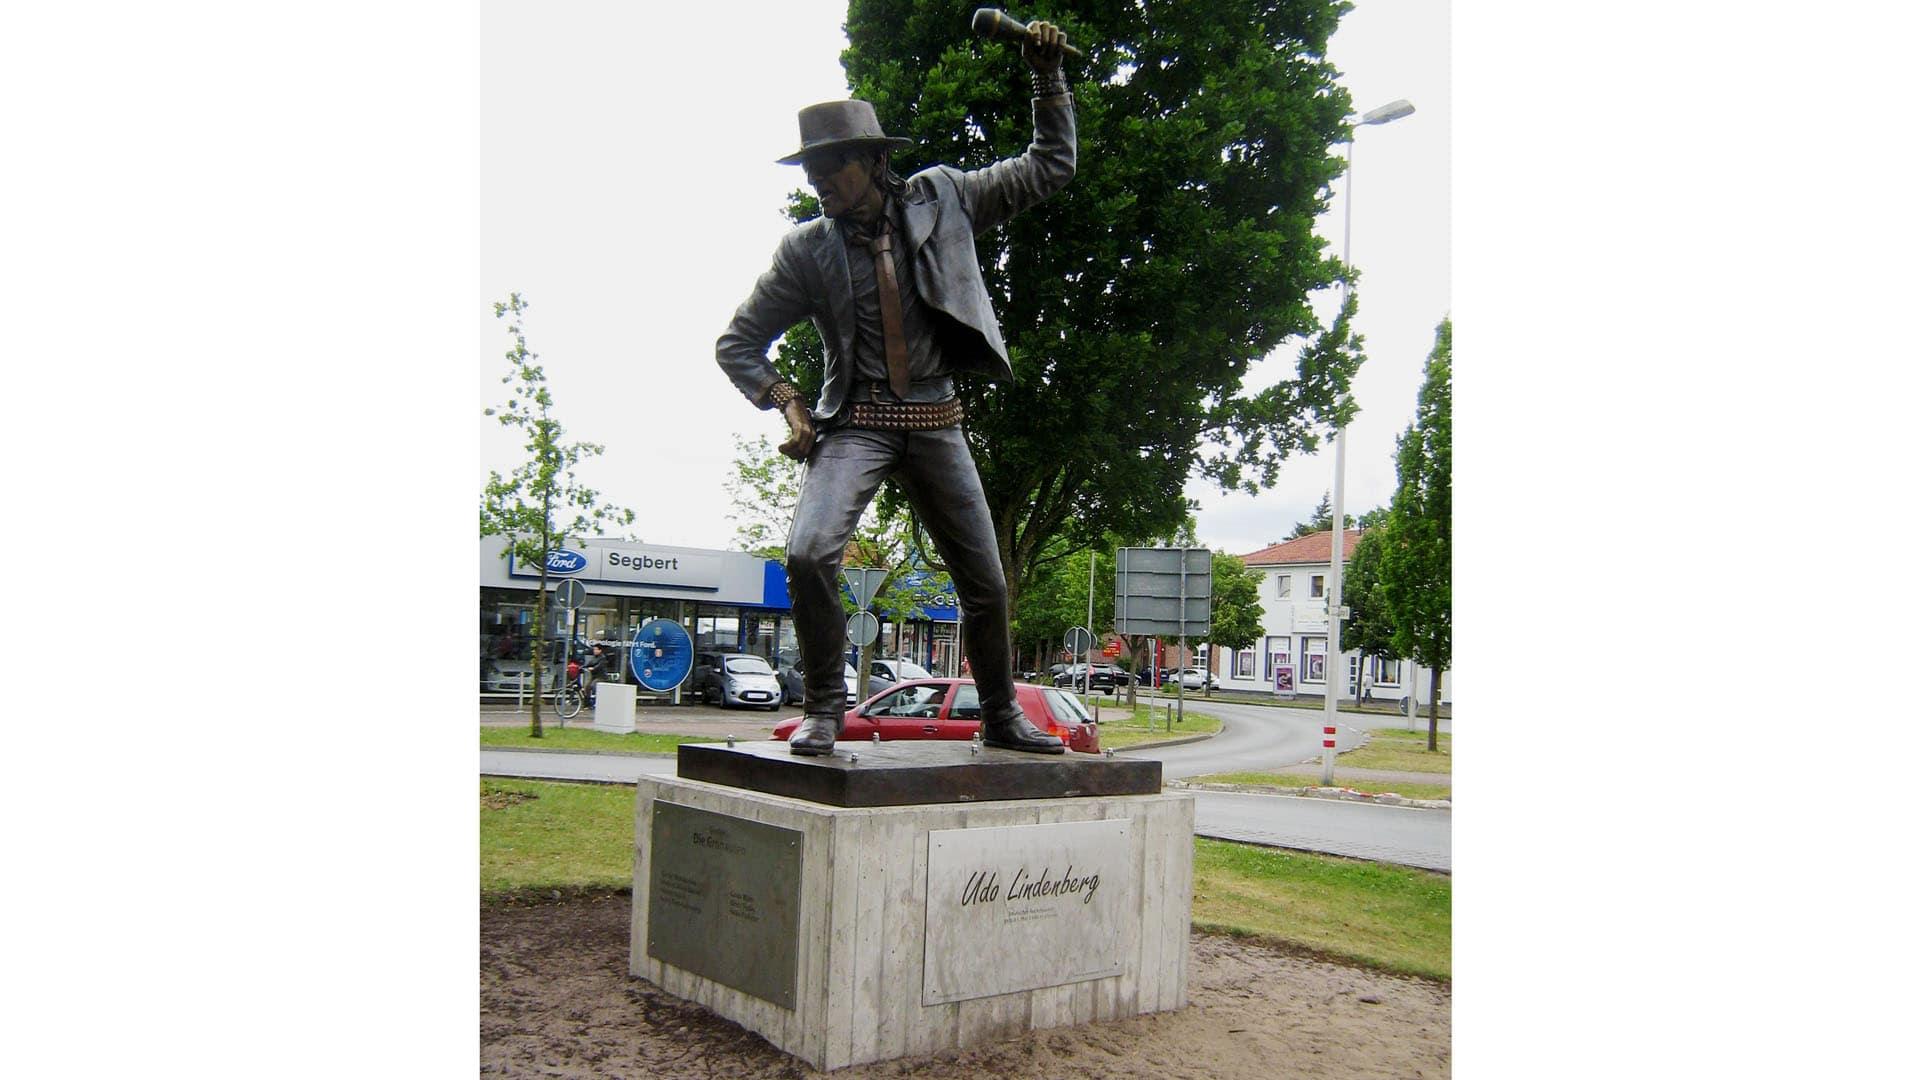 Sie haben ihm ein Denkmal gebaut: Lindenberg-Ehrenmal in Gronau/Westfalen